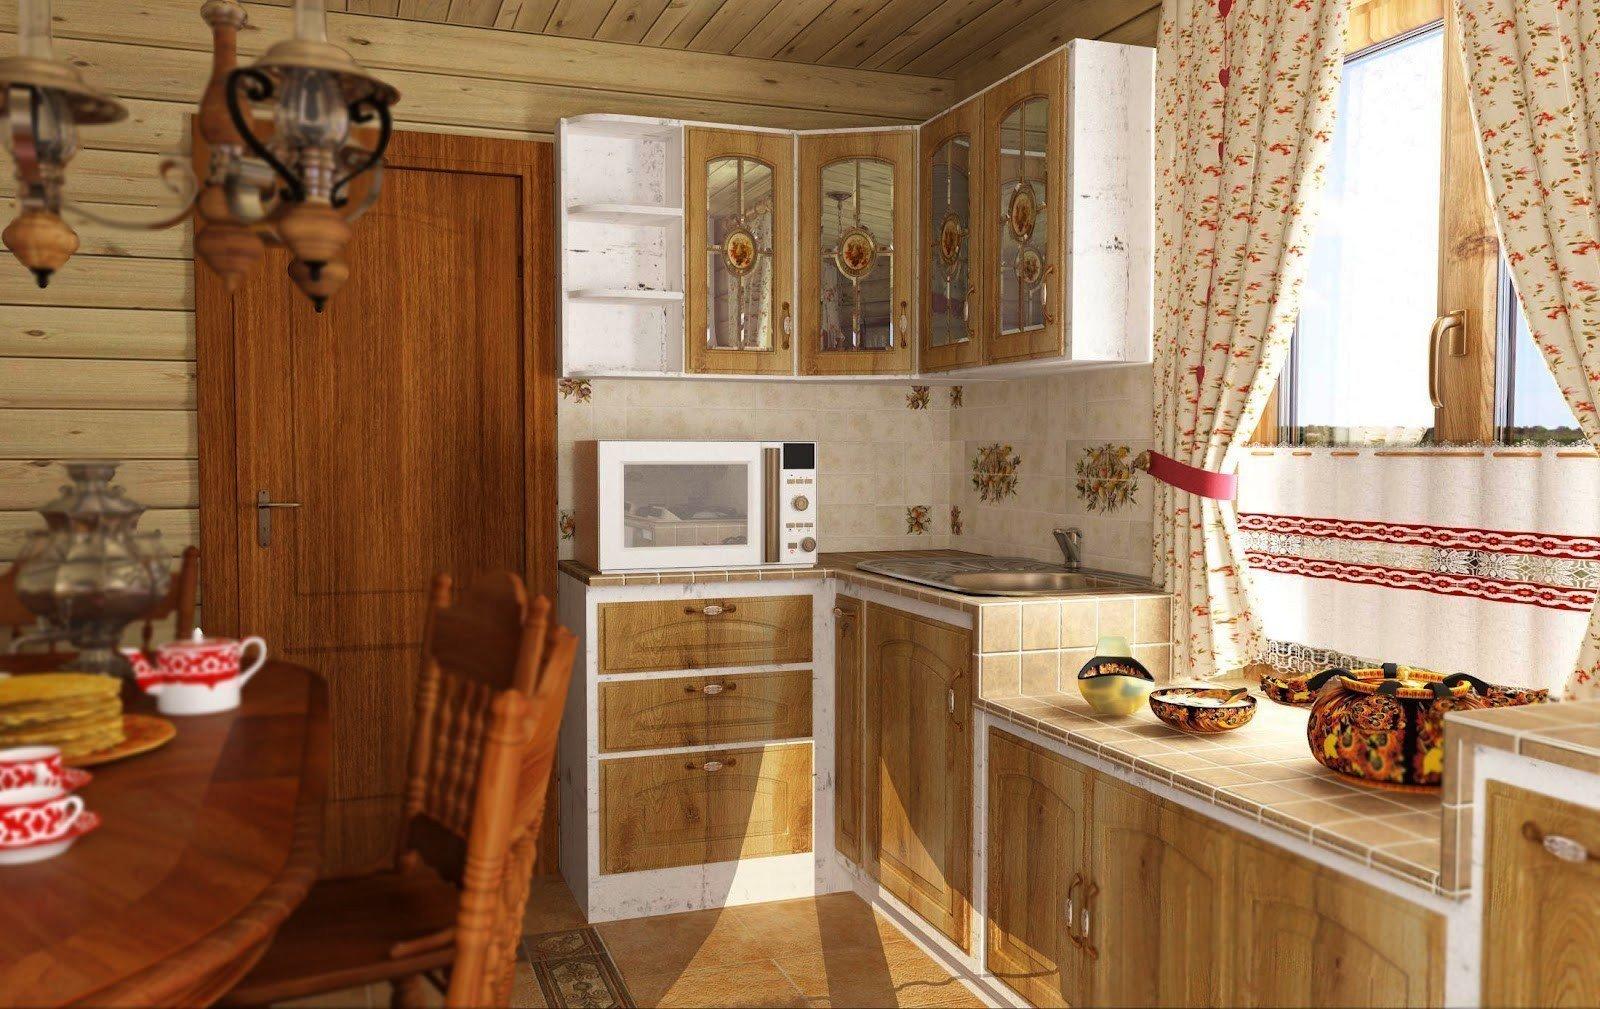 универсальный вариант оформление кухни на даче фото проведения процедуры для